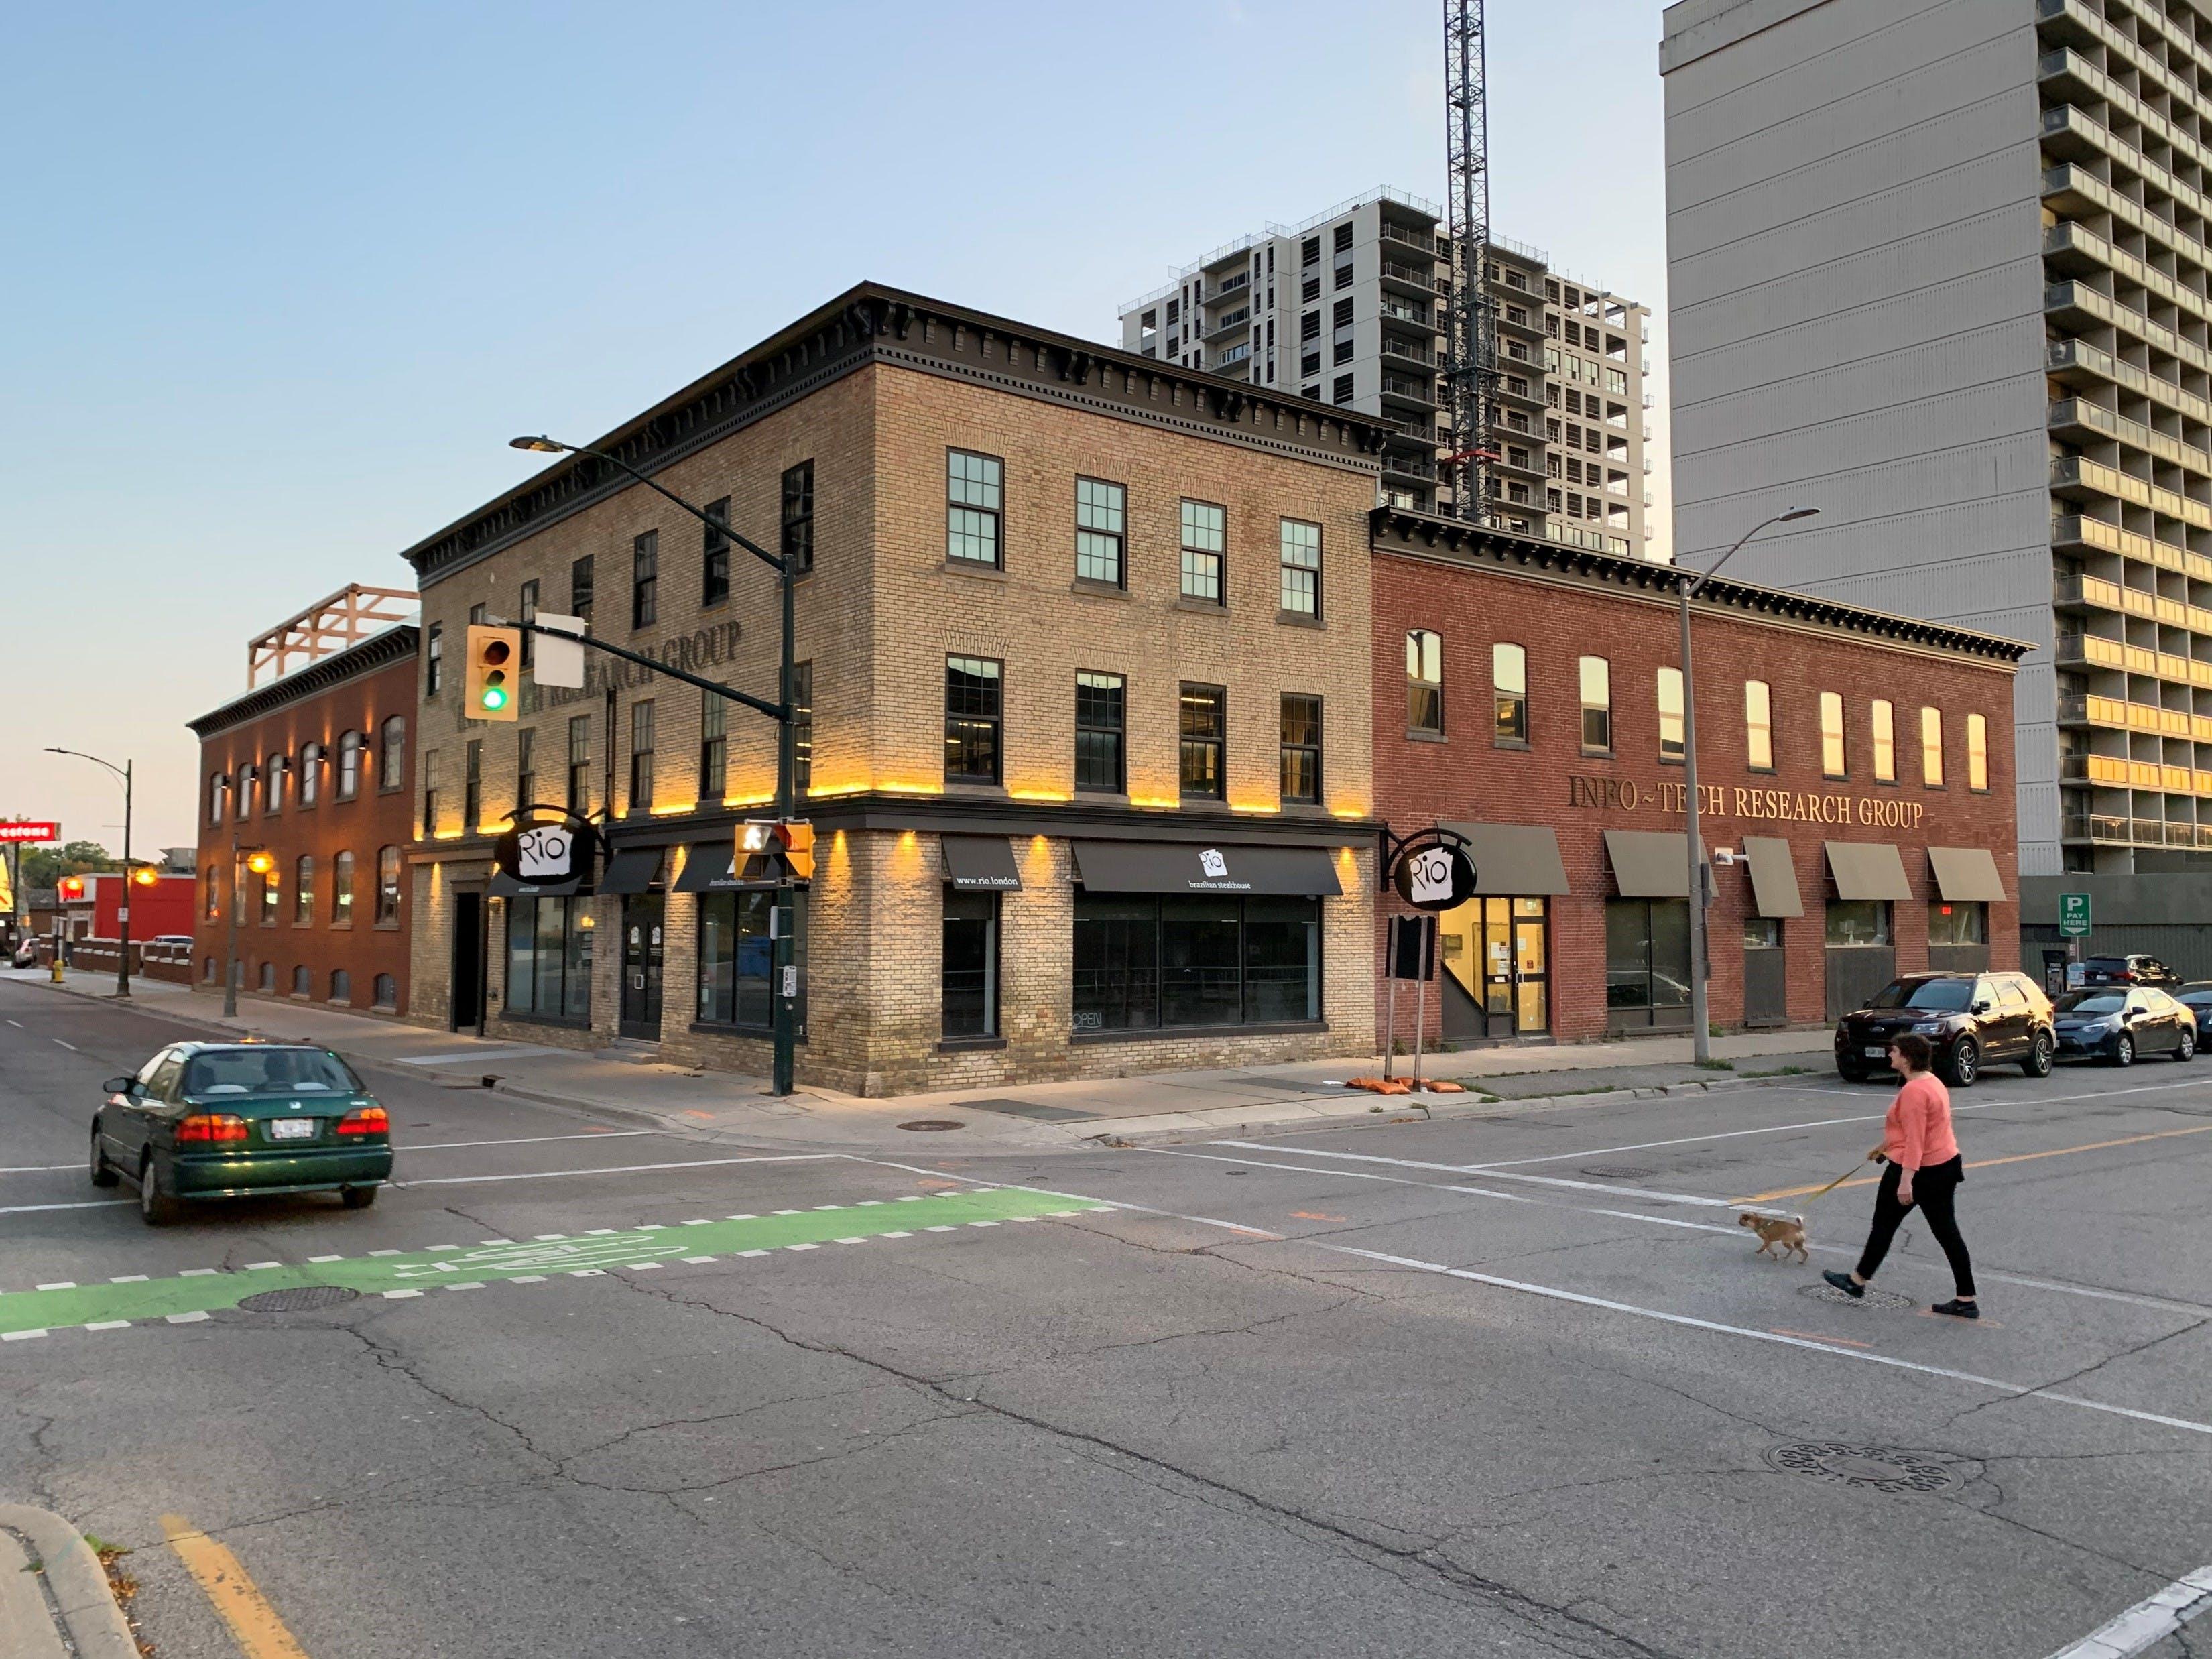 345 Ridout Street – Info-Tech